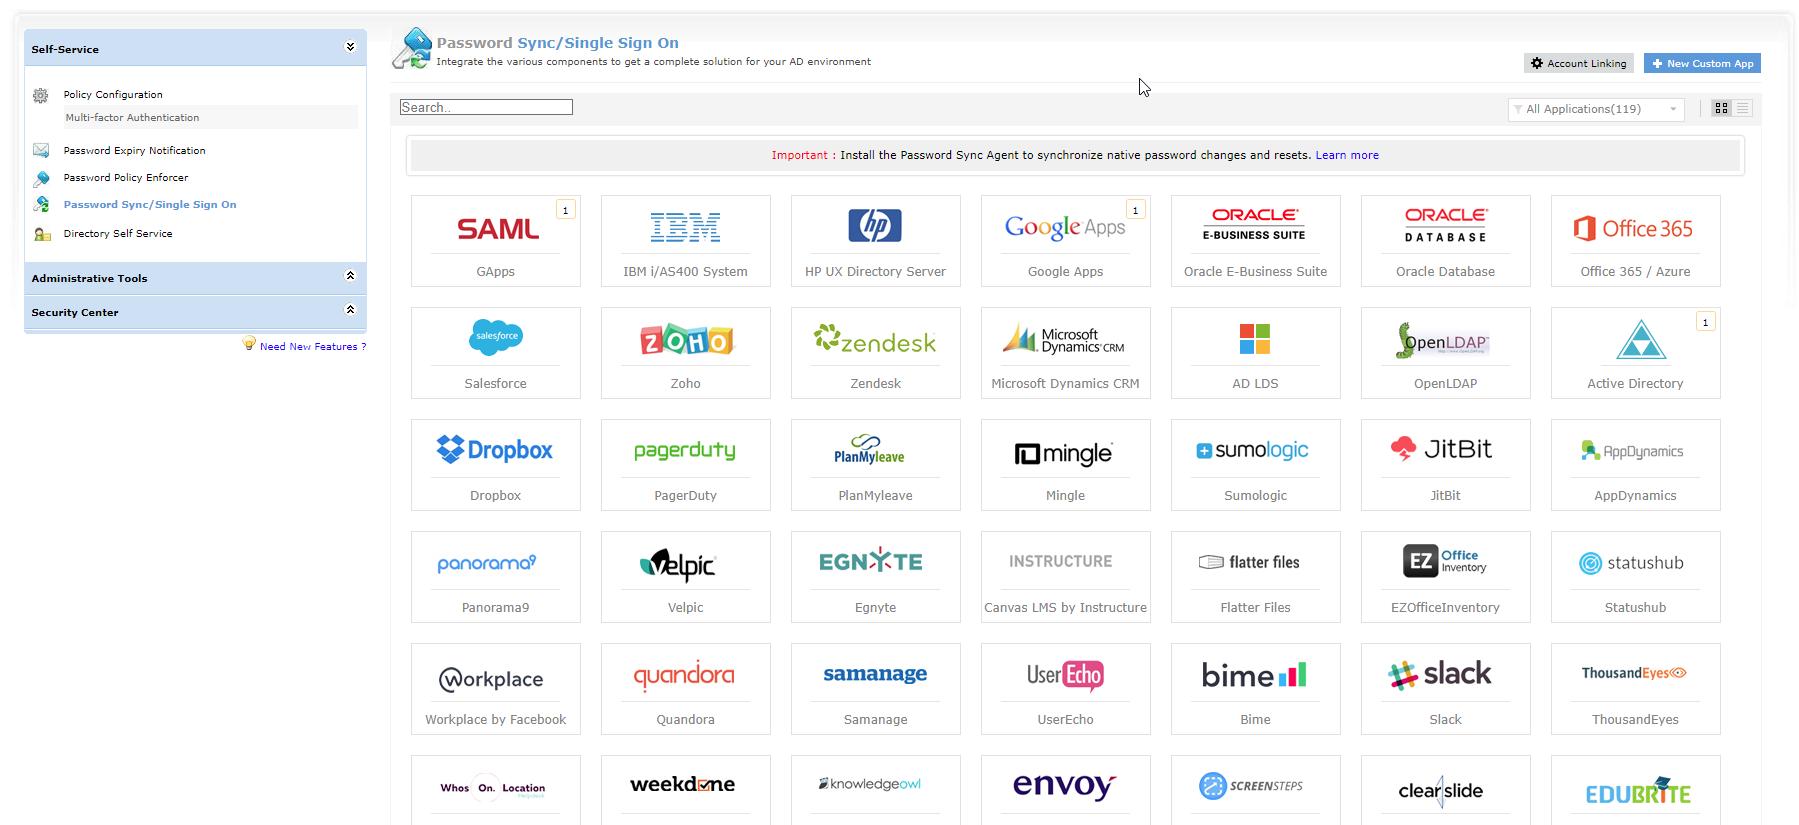 ADSelfService Plus SSO search